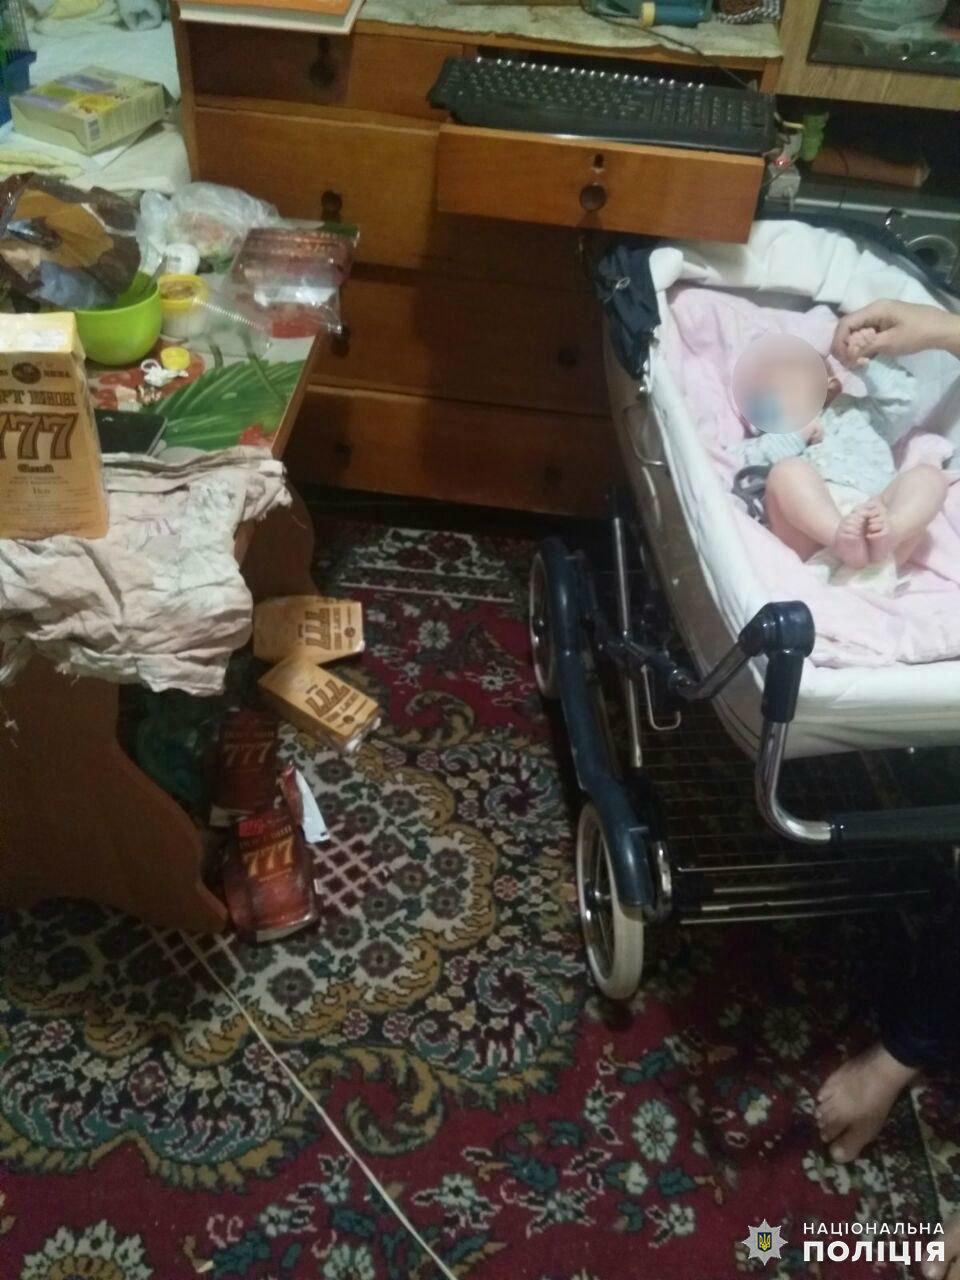 Дружковка: Из-за пьянства родителей трехмесячного ребенка изъяли из семьи, фото-1